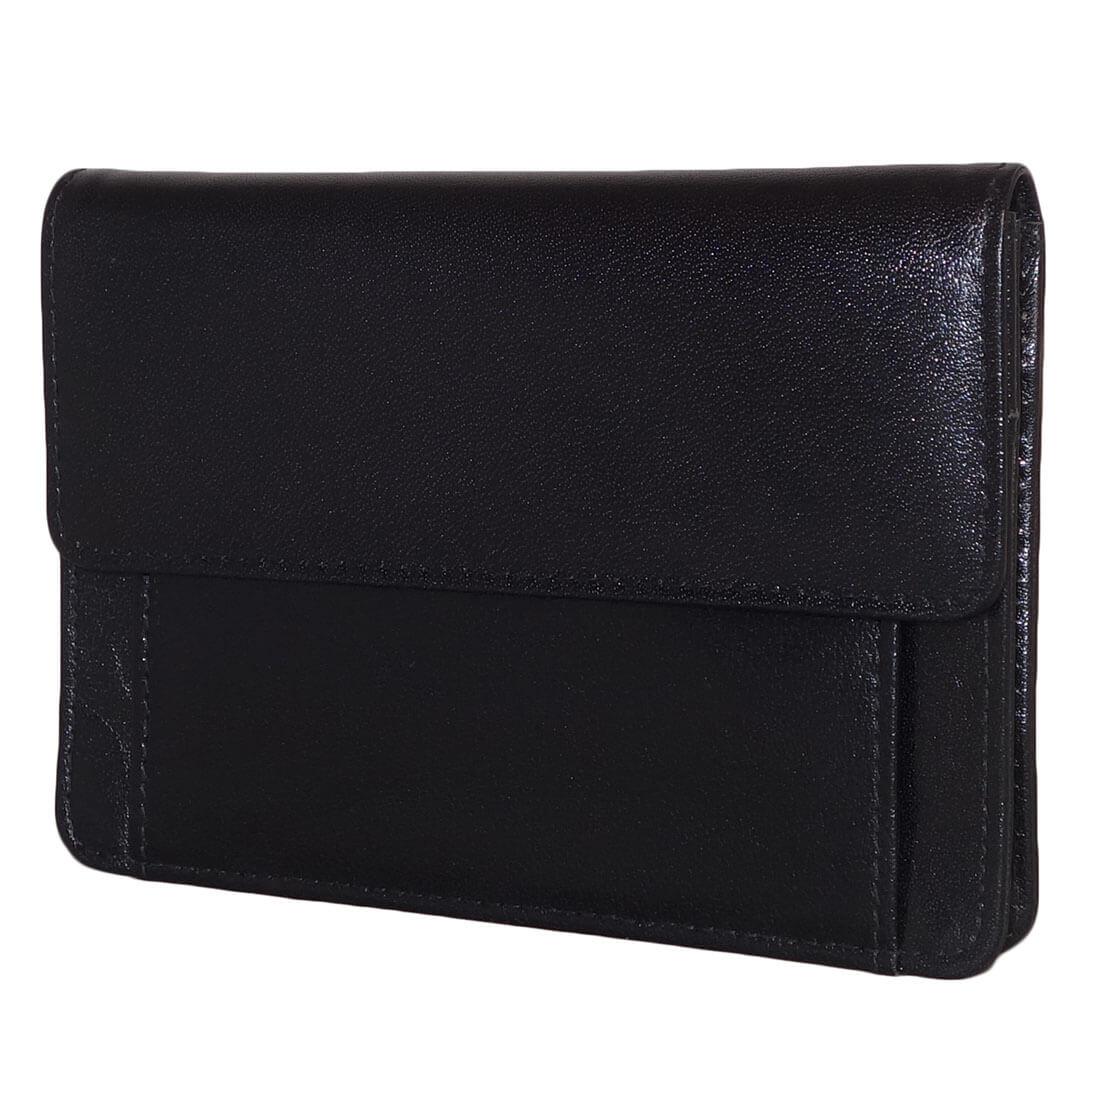 Leather Design Mobiel Tasje Zwart-0